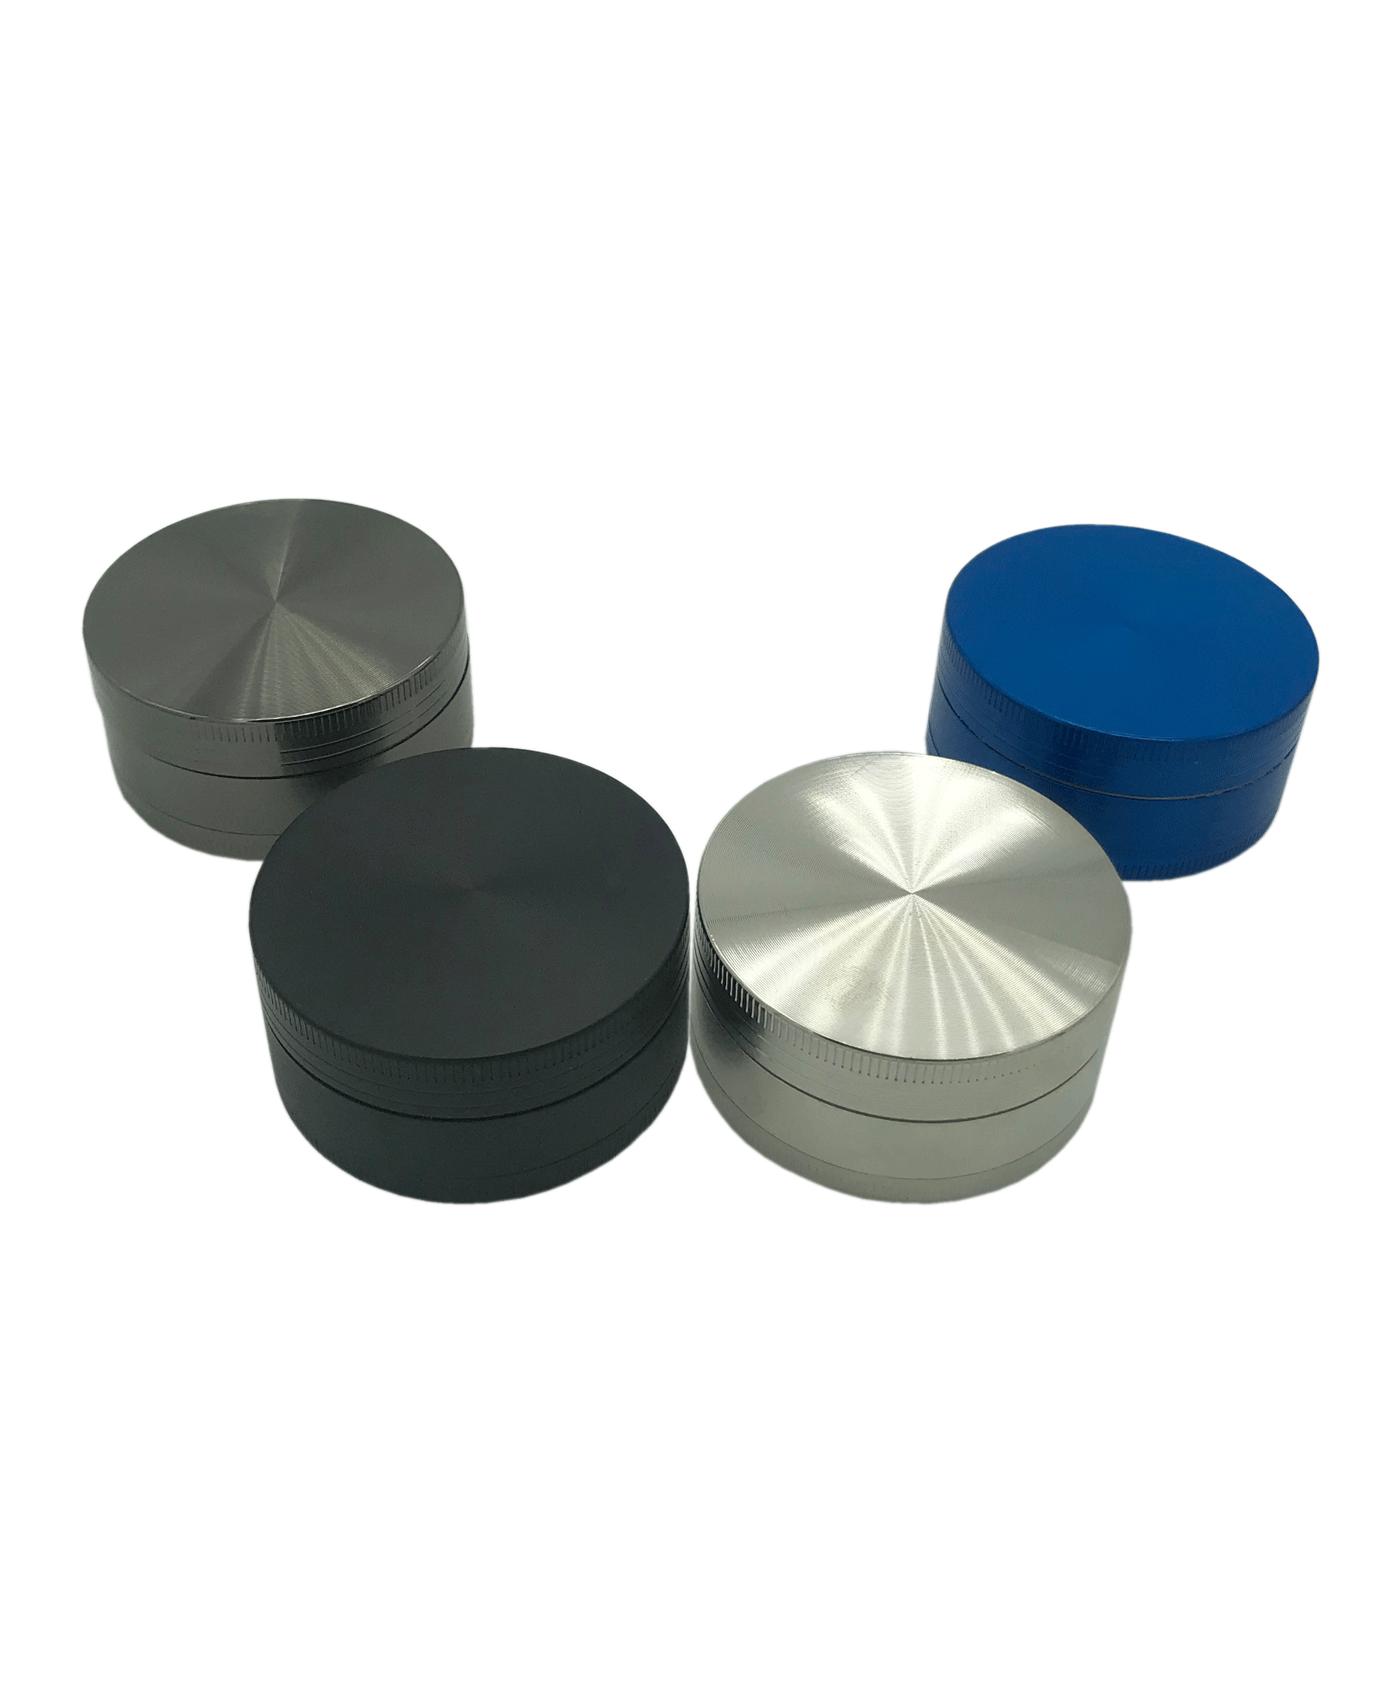 Dichavador de Metal - 3 Partes